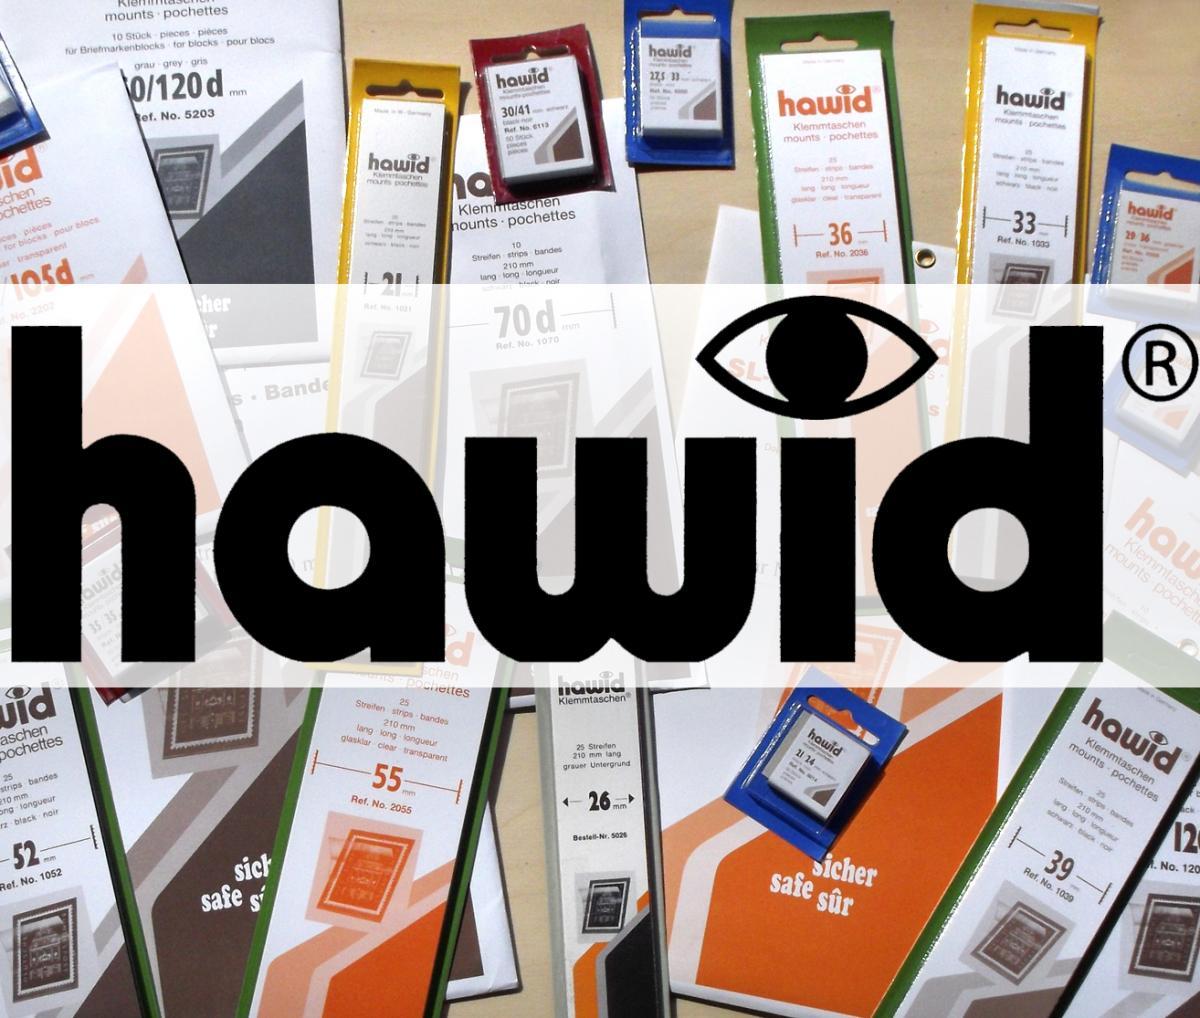 HAWID-Zuschnitte Klemmtaschen 24 x 29 mm, schwarz, 50 Stück, blaue Verpackung